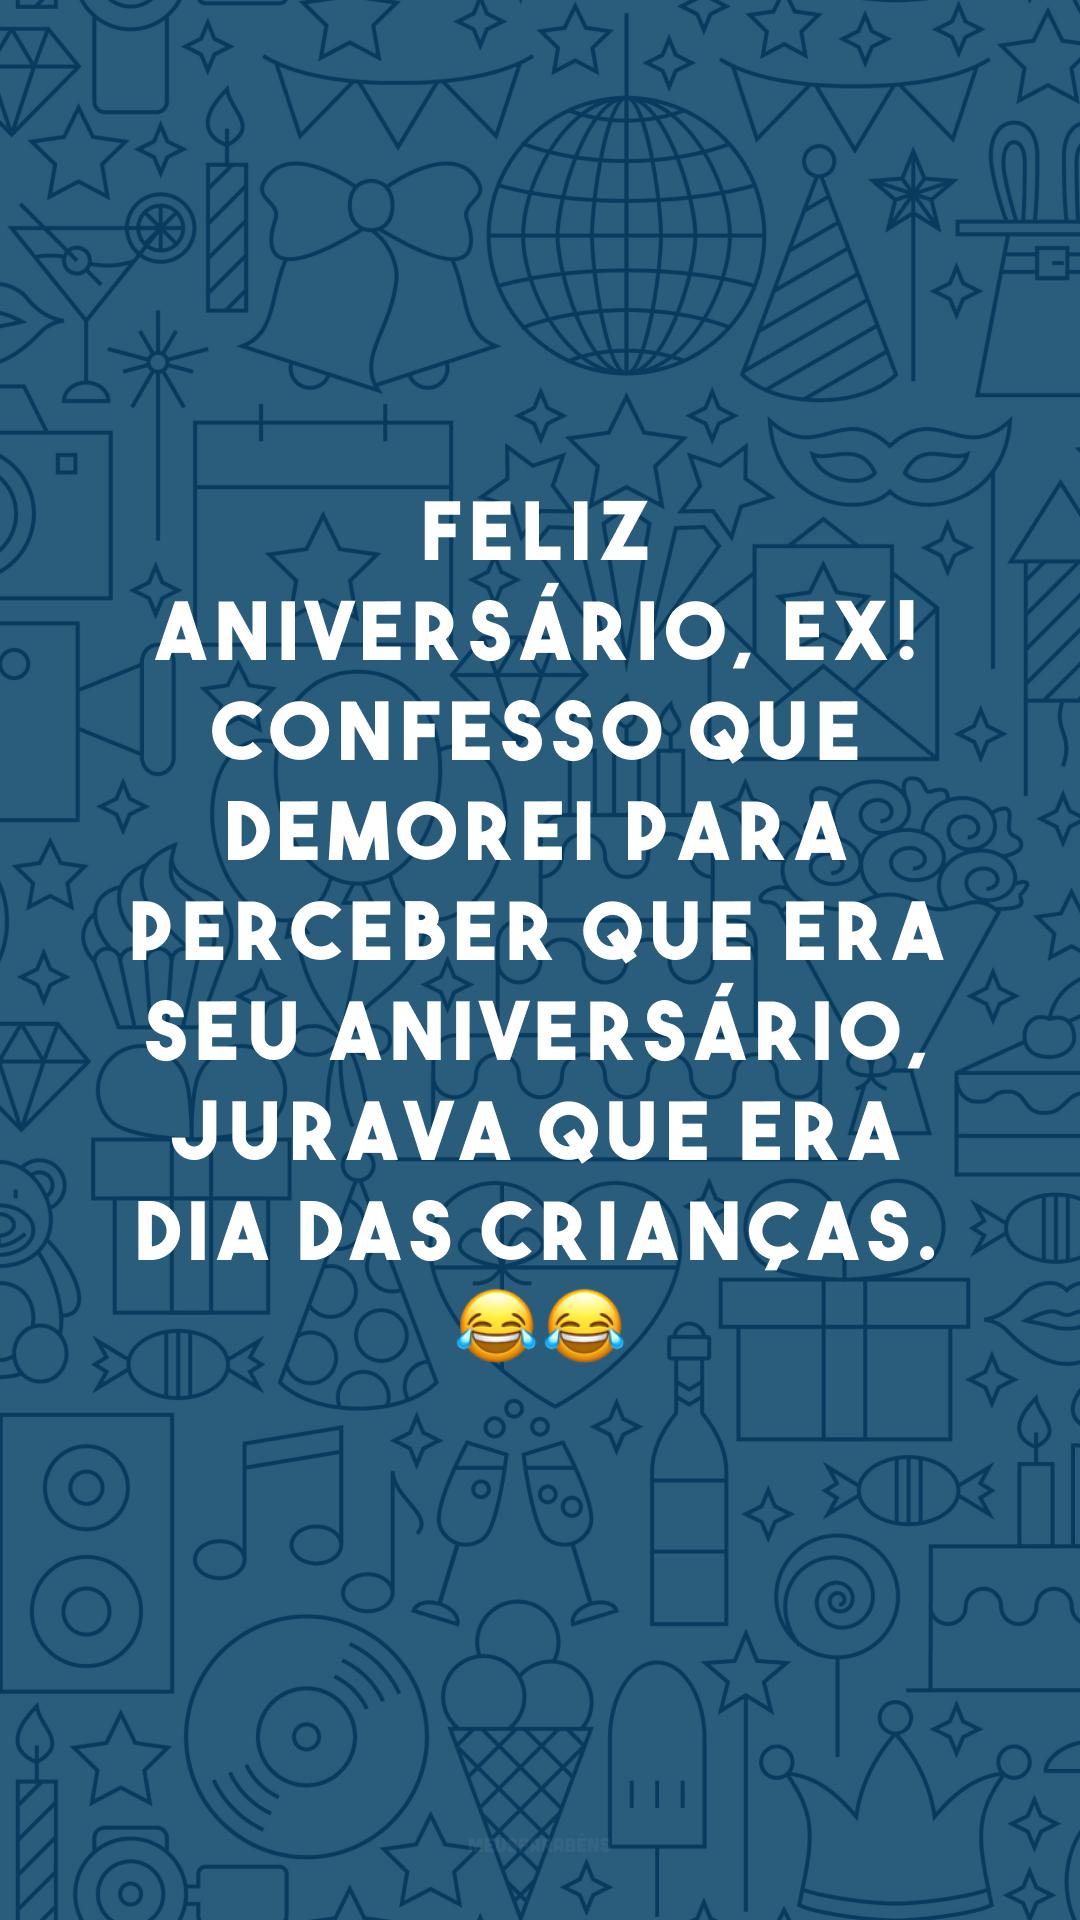 Feliz aniversário, ex! Confesso que demorei para perceber que era seu aniversário, jurava que era Dia das Crianças. 😂😂